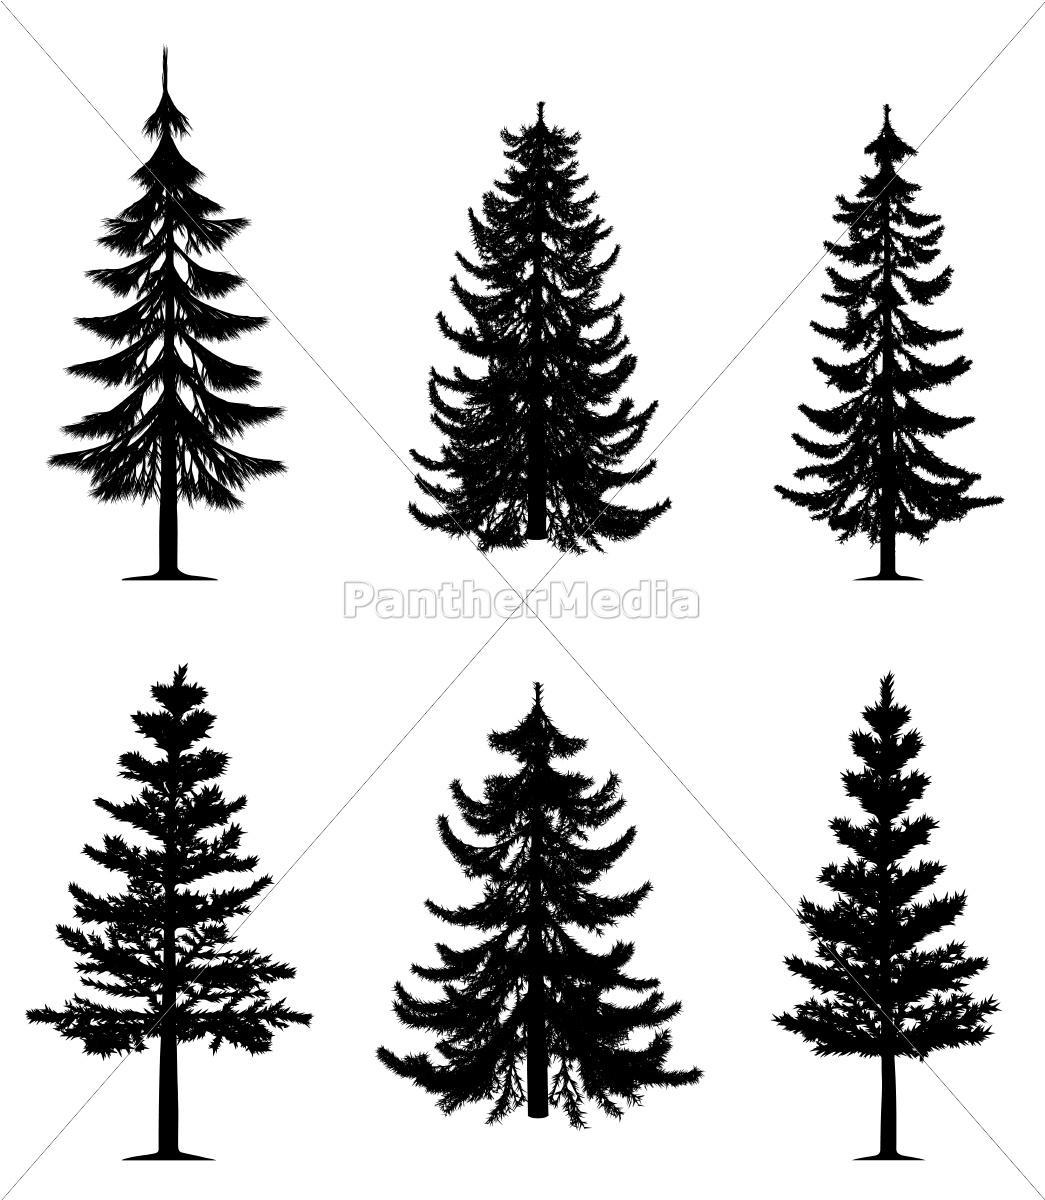 colección, de, los, árboles, de, pino - 9481388